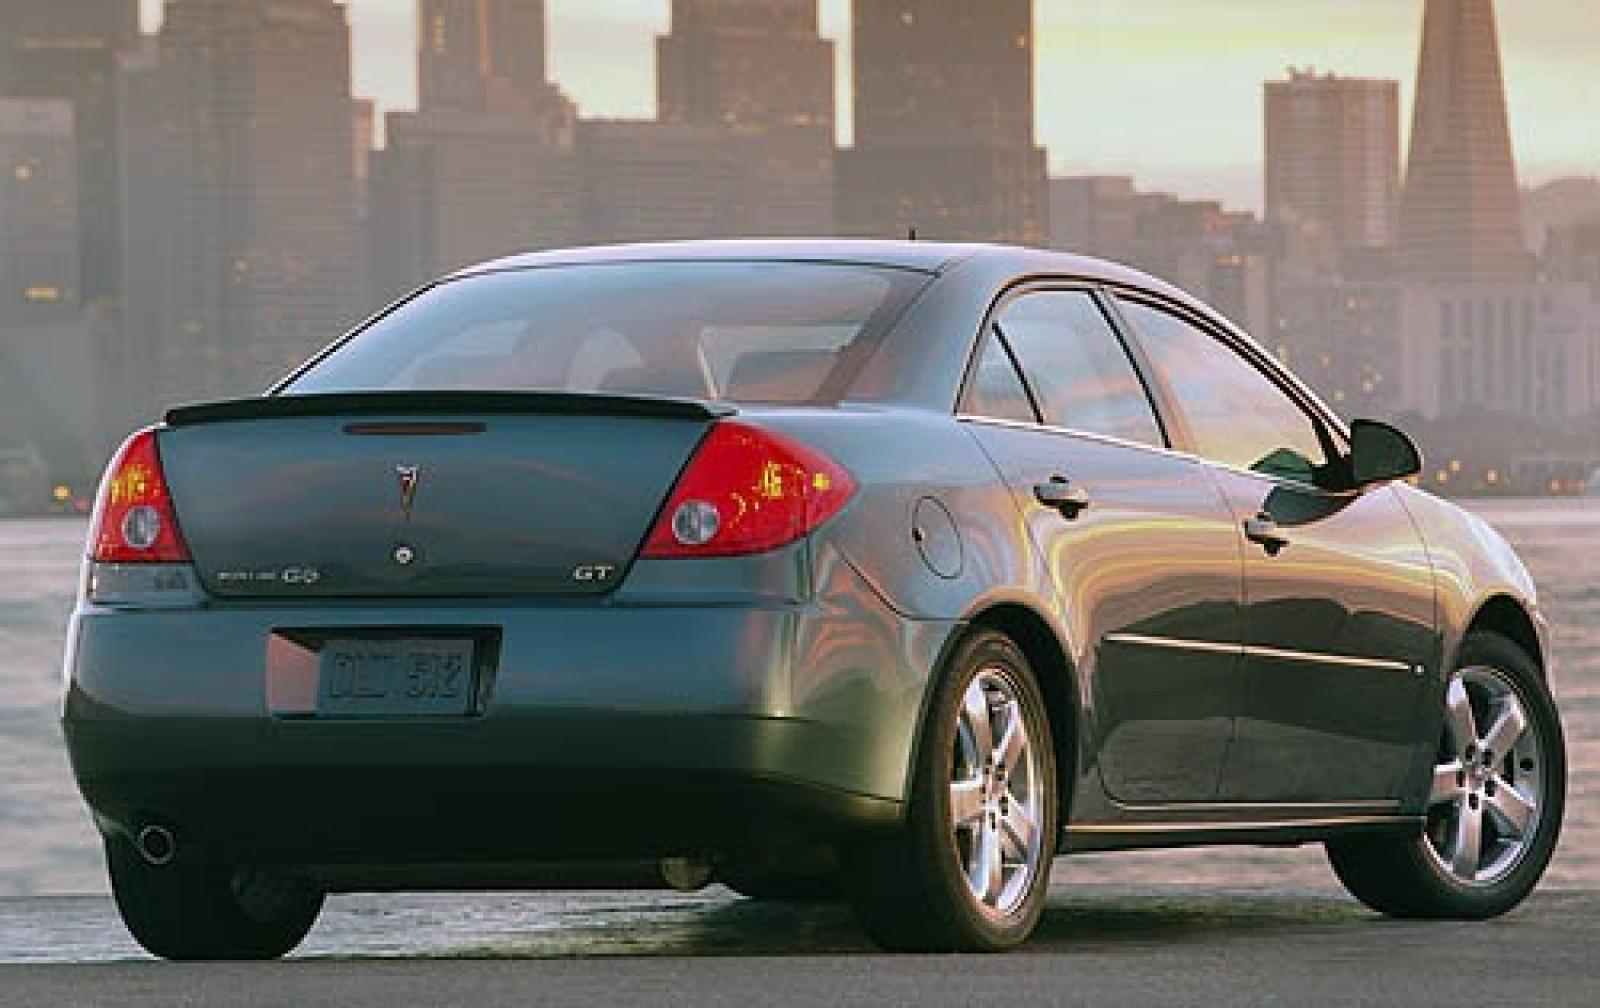 2007 Pontiac G6 - Information And Photos